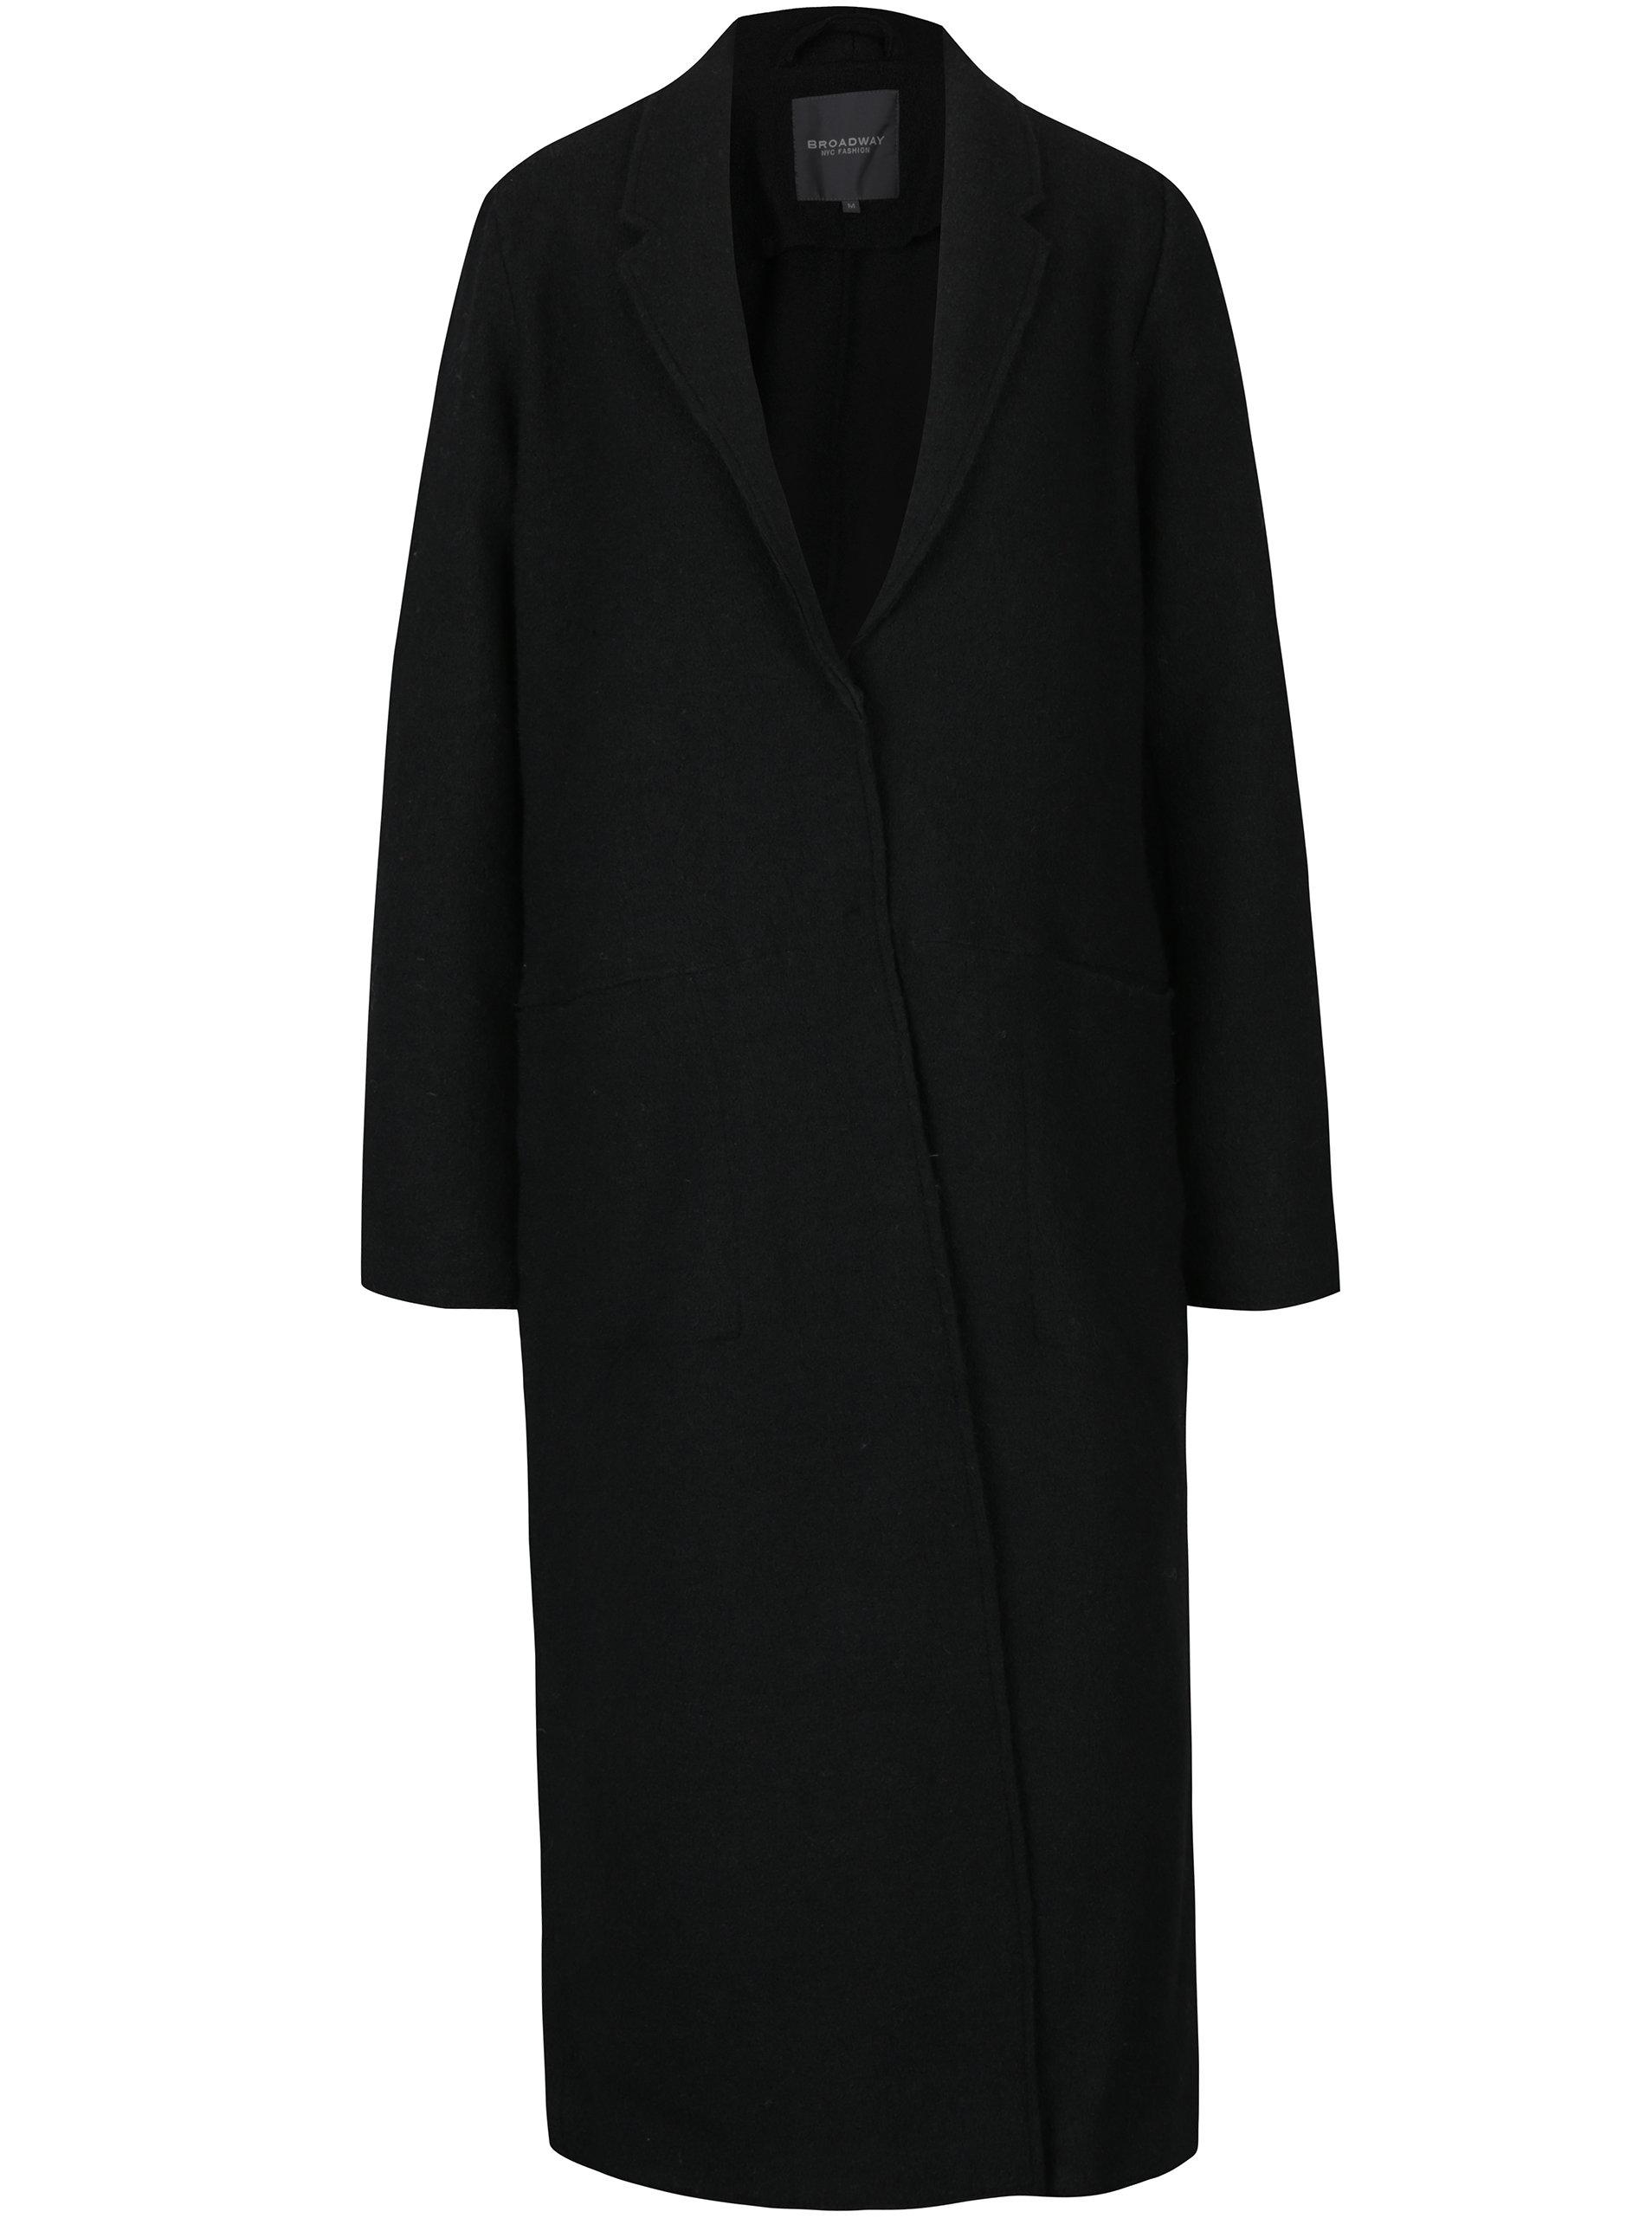 Černý dámský dlouhý vlněný kabát Broadway Malea ... 63538ab302b